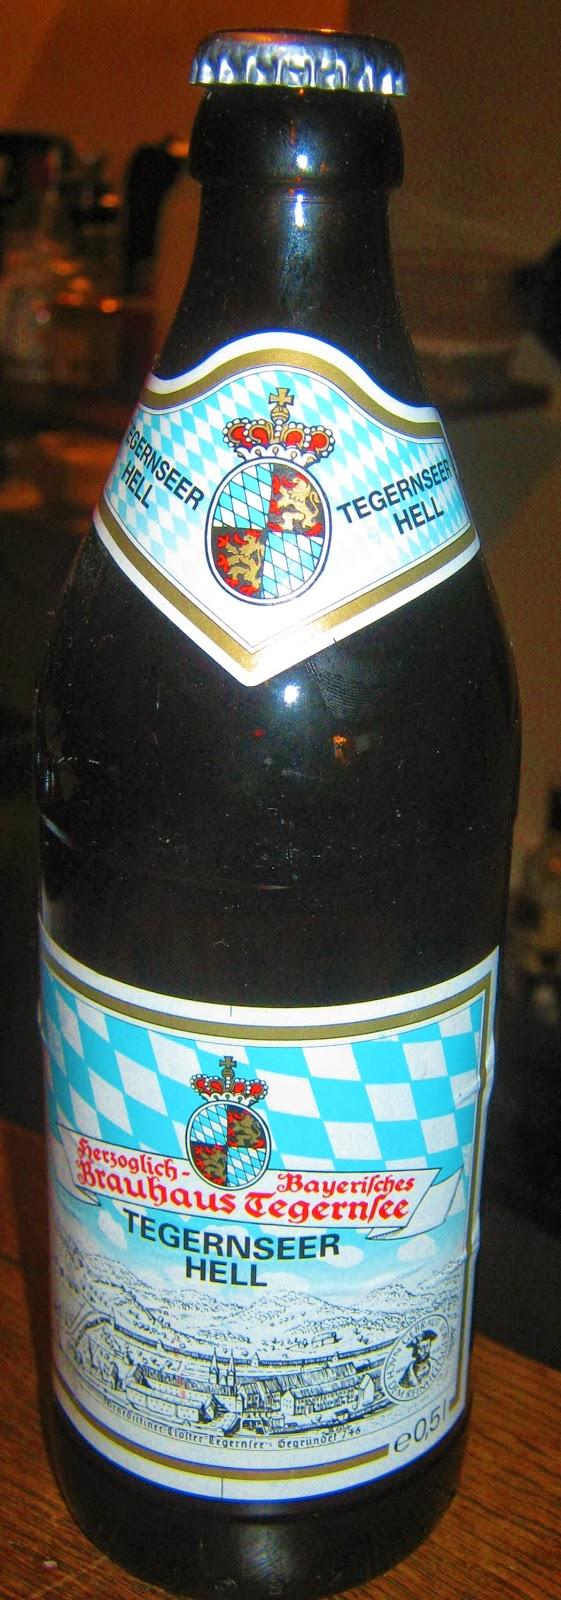 Tegernseer Hell - beer